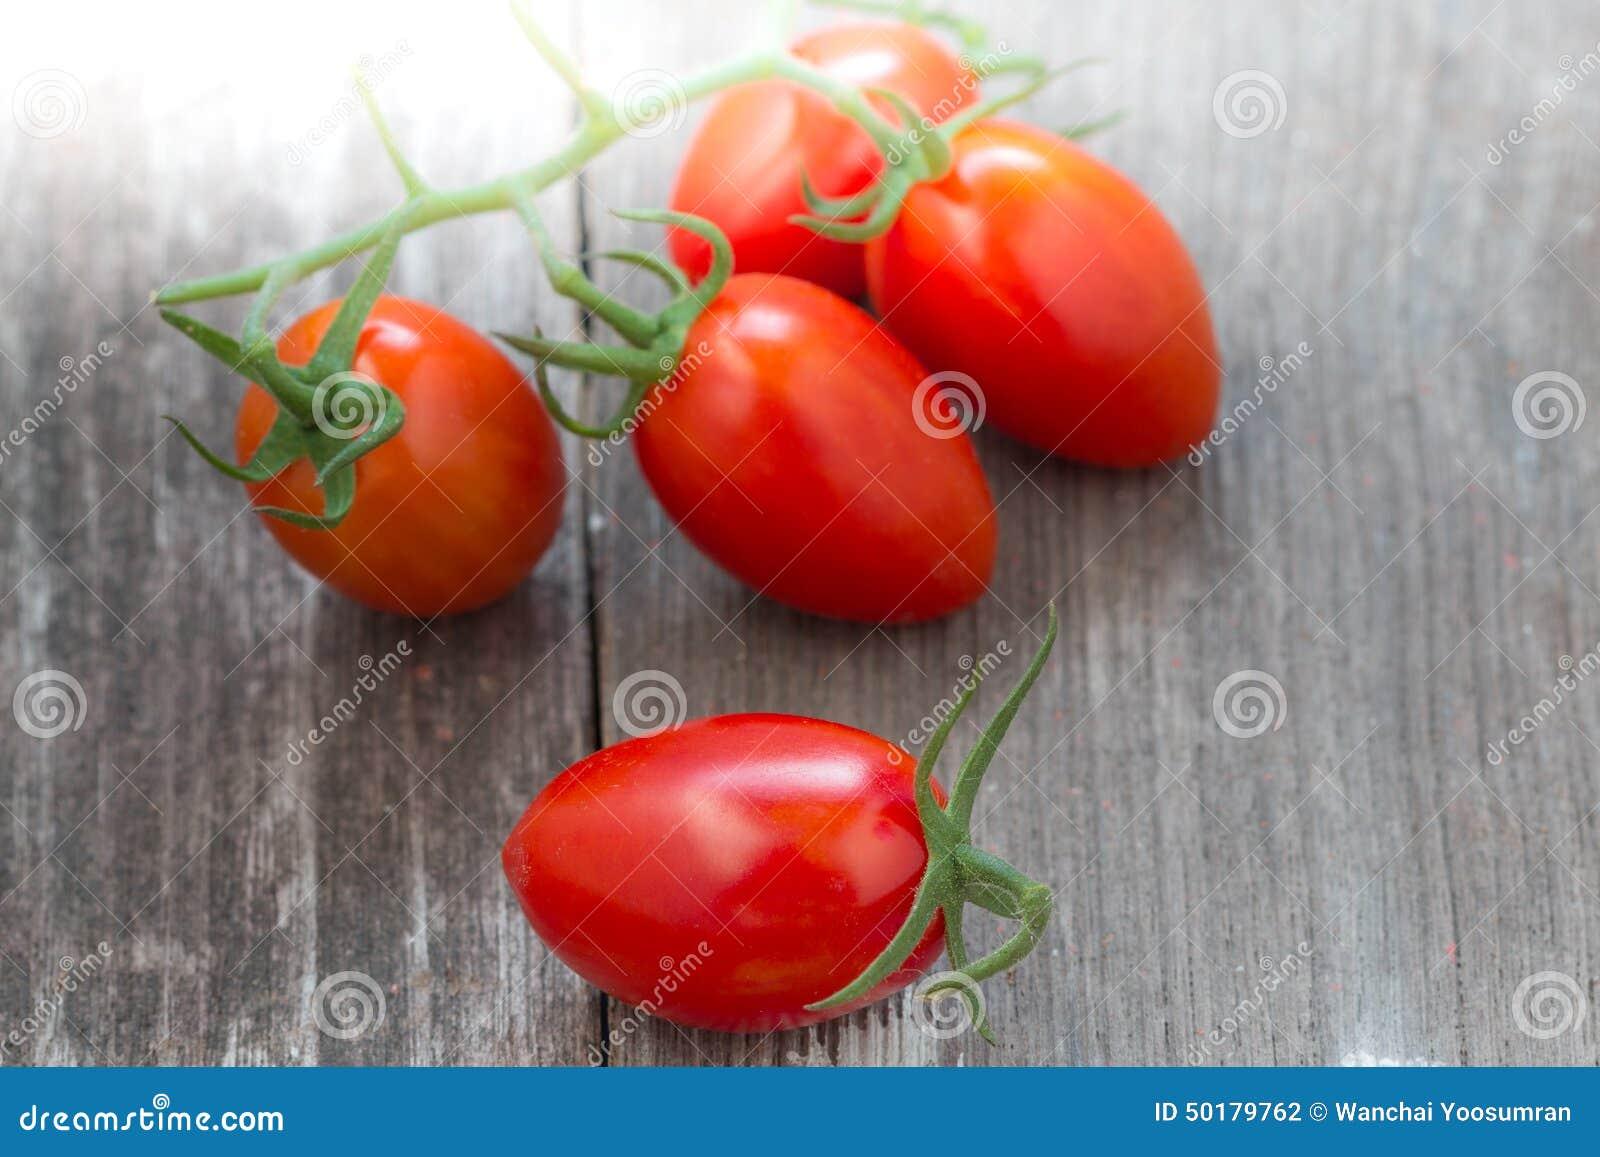 Fresh tomato on wood background stock photo image